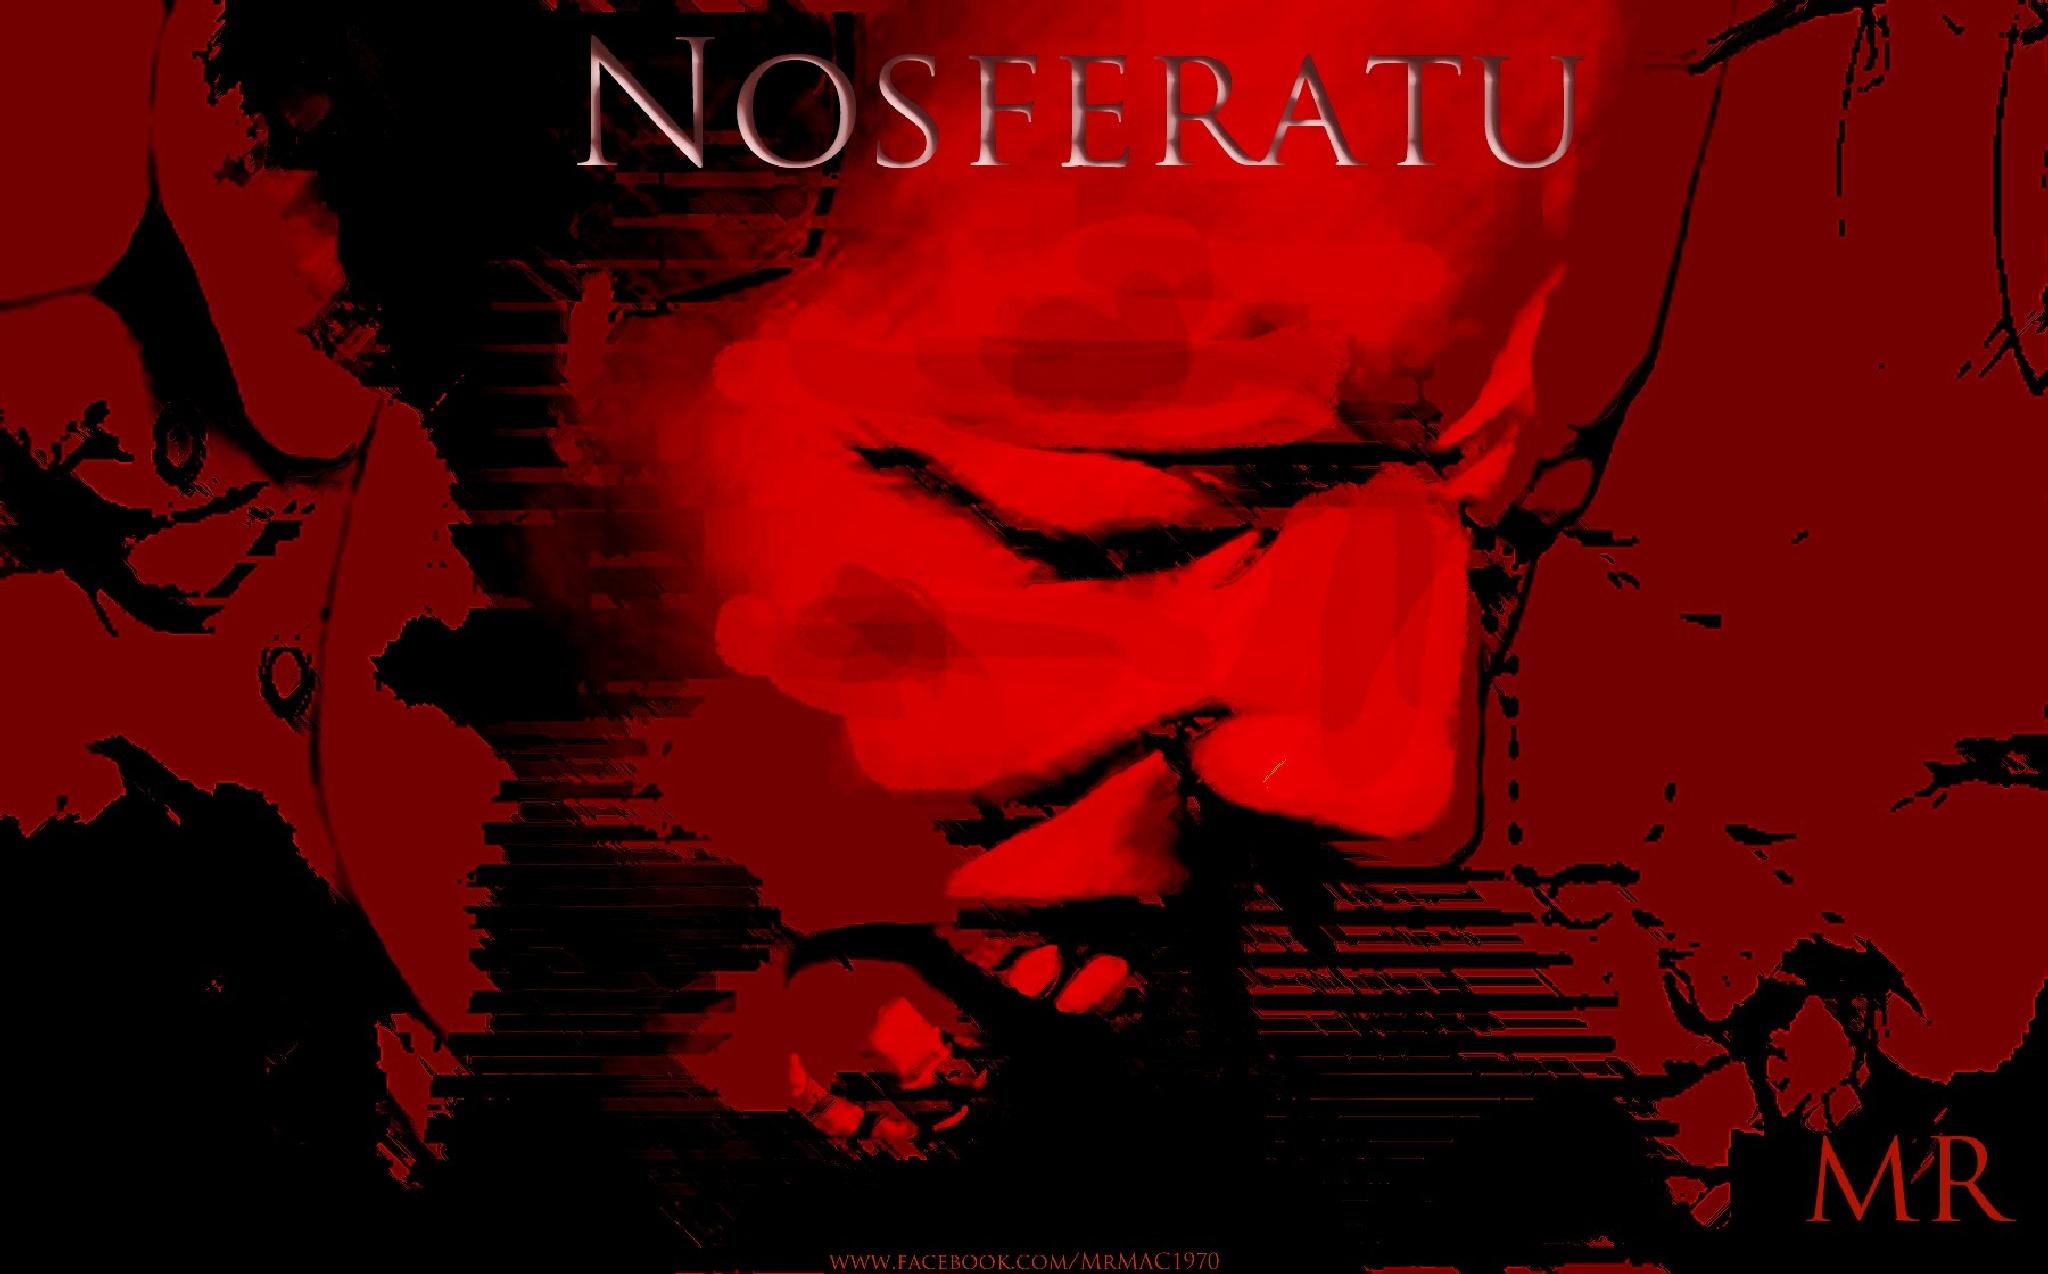 Nosferatu by Mikael Rennerhorn